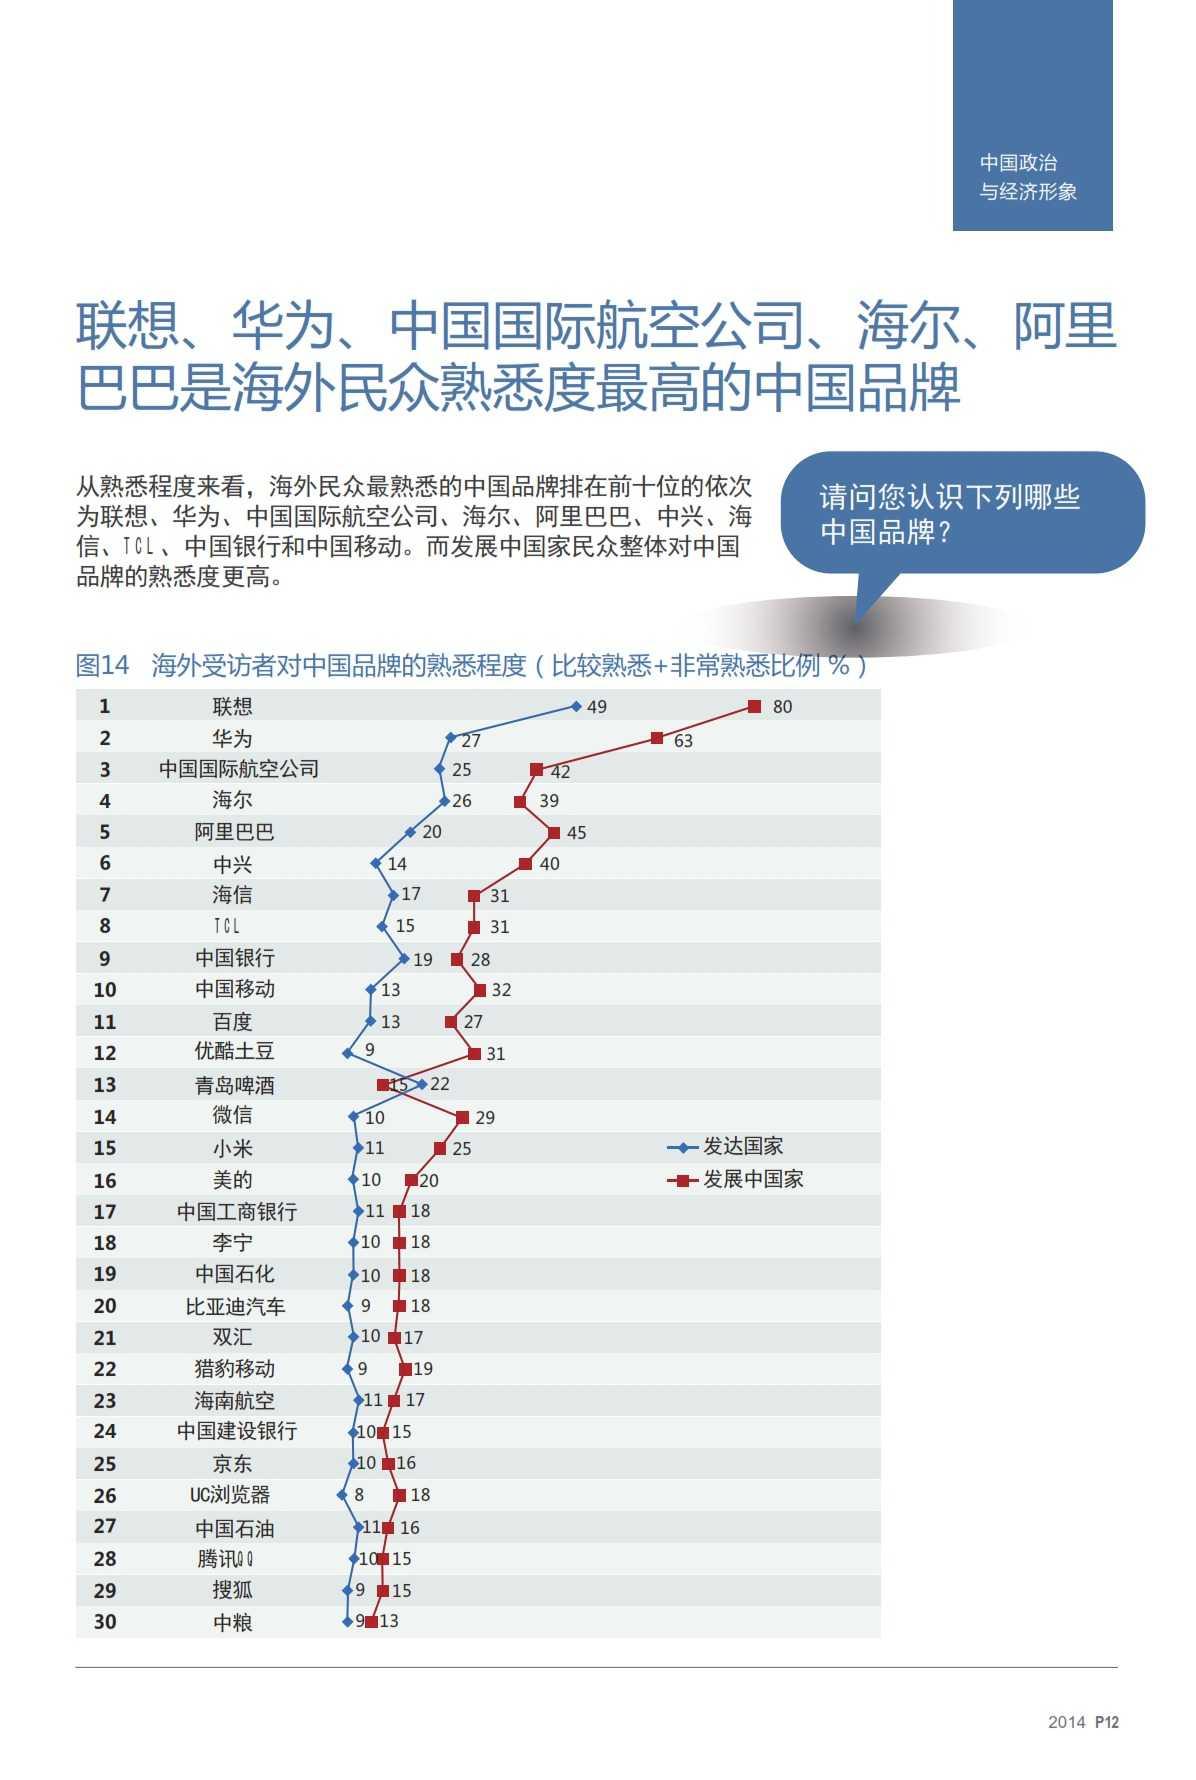 2014中国国家形象全球调查报告-v17_011